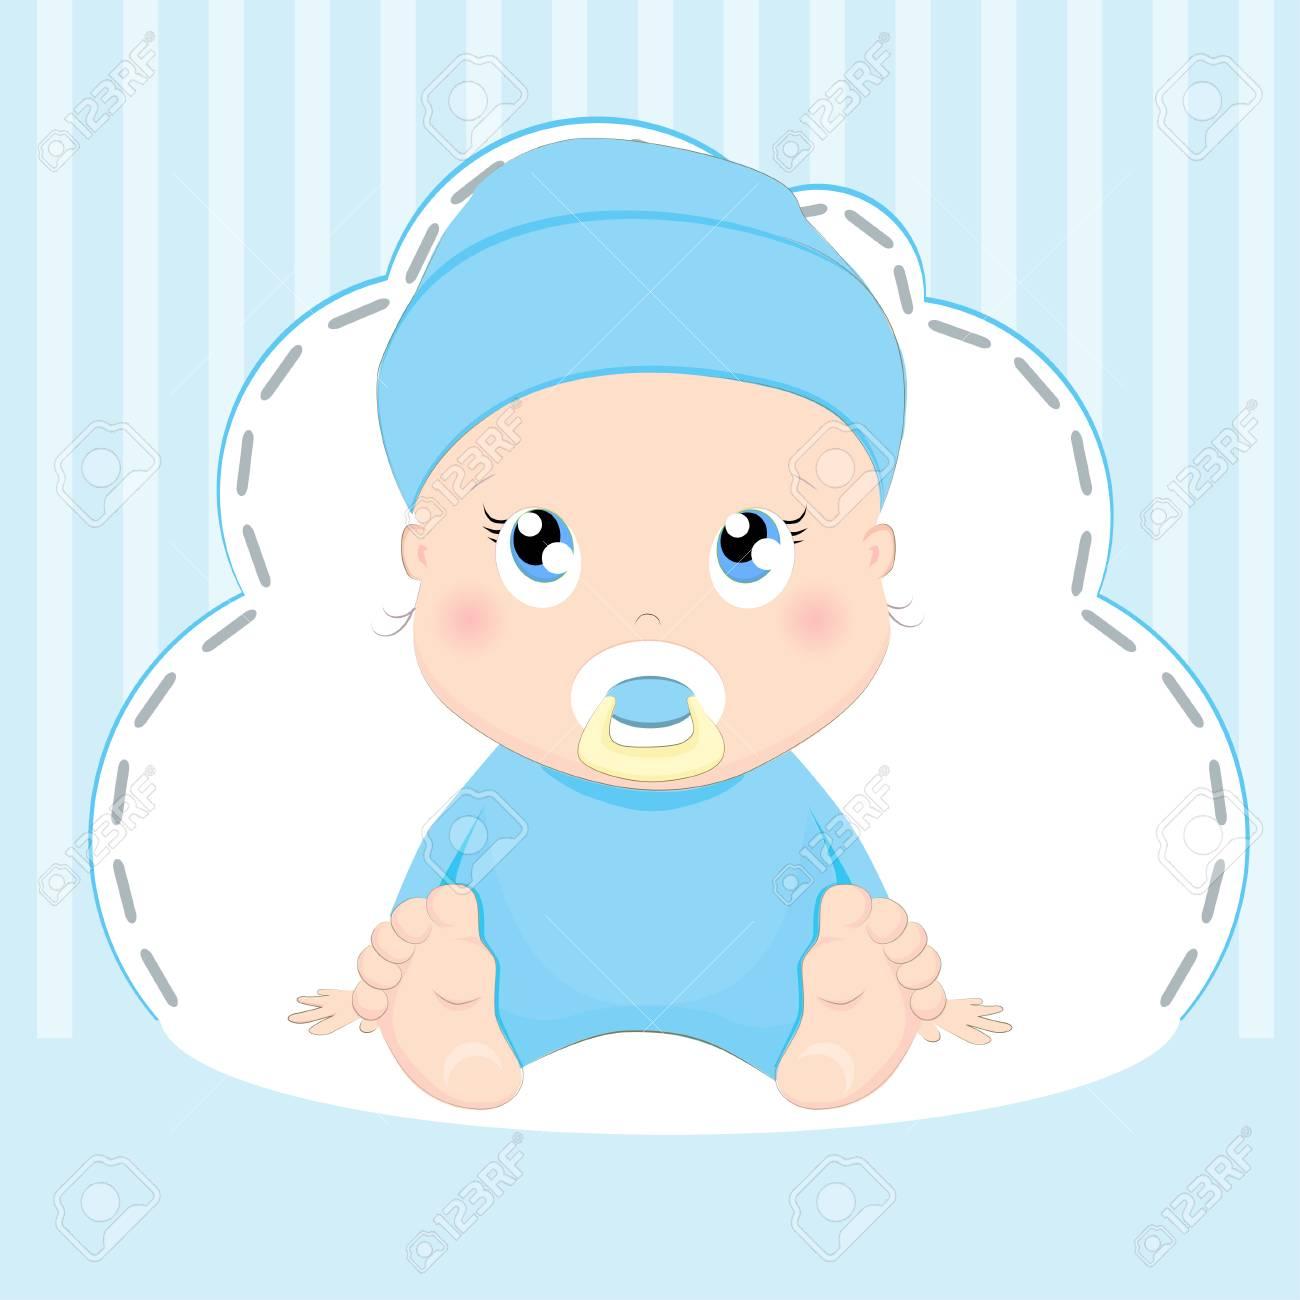 Disegno Di Carta Del Neonato Sveglio Su Priorità Bassa Blu